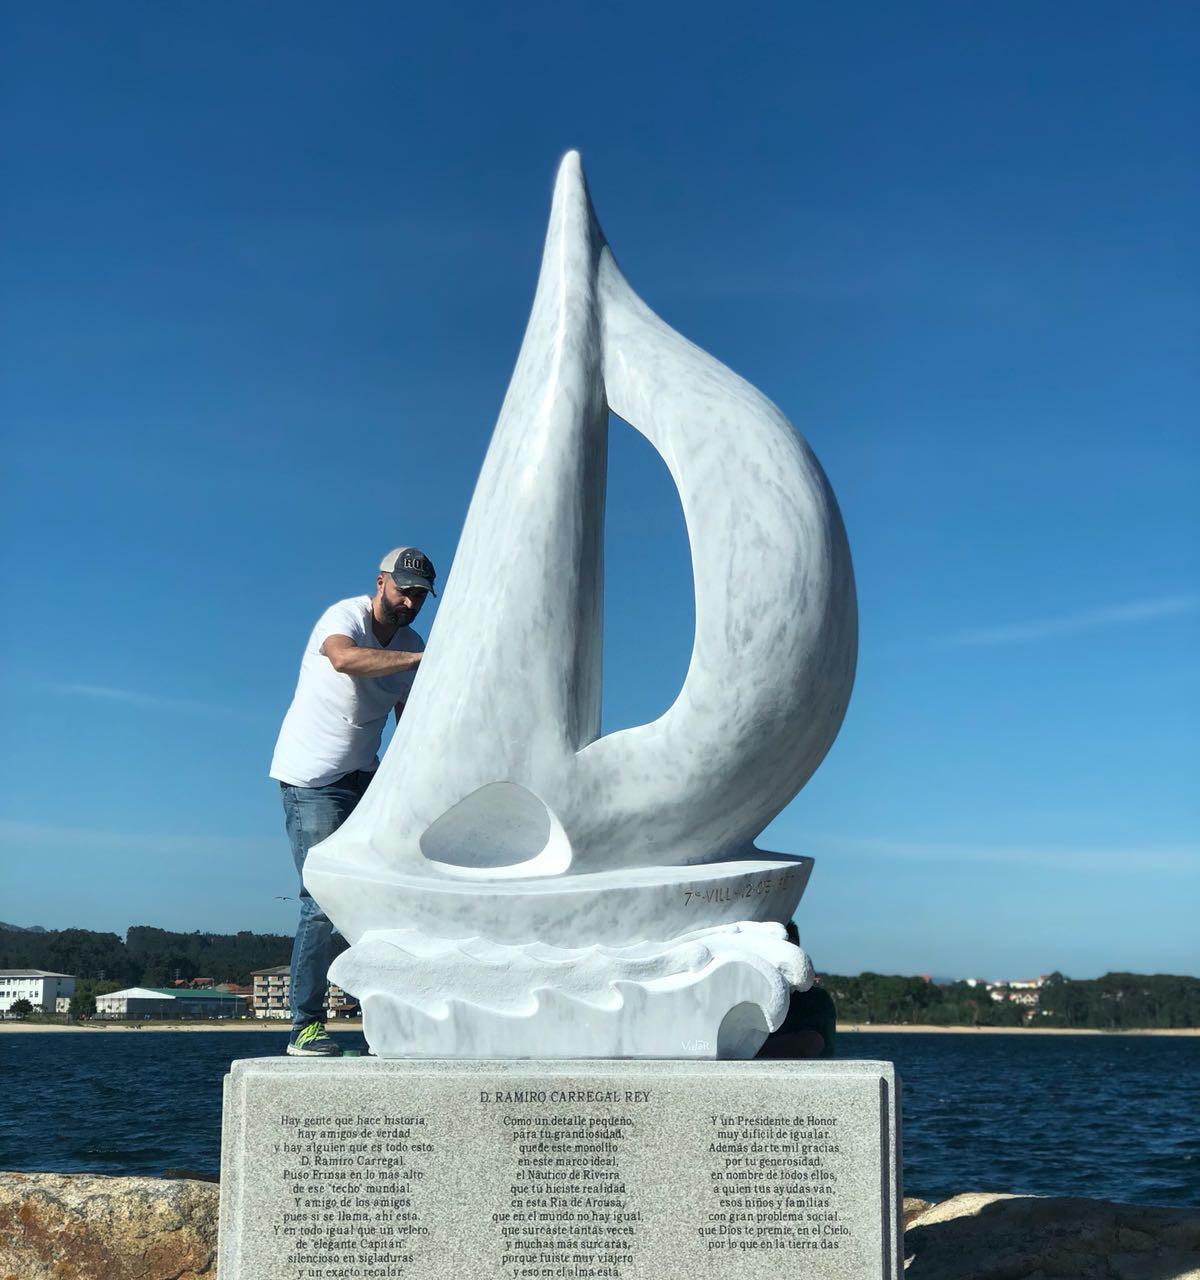 como le regalaron al homenajeado una estatua de un barco, elegimos este motivo para hacer unas etiquetas